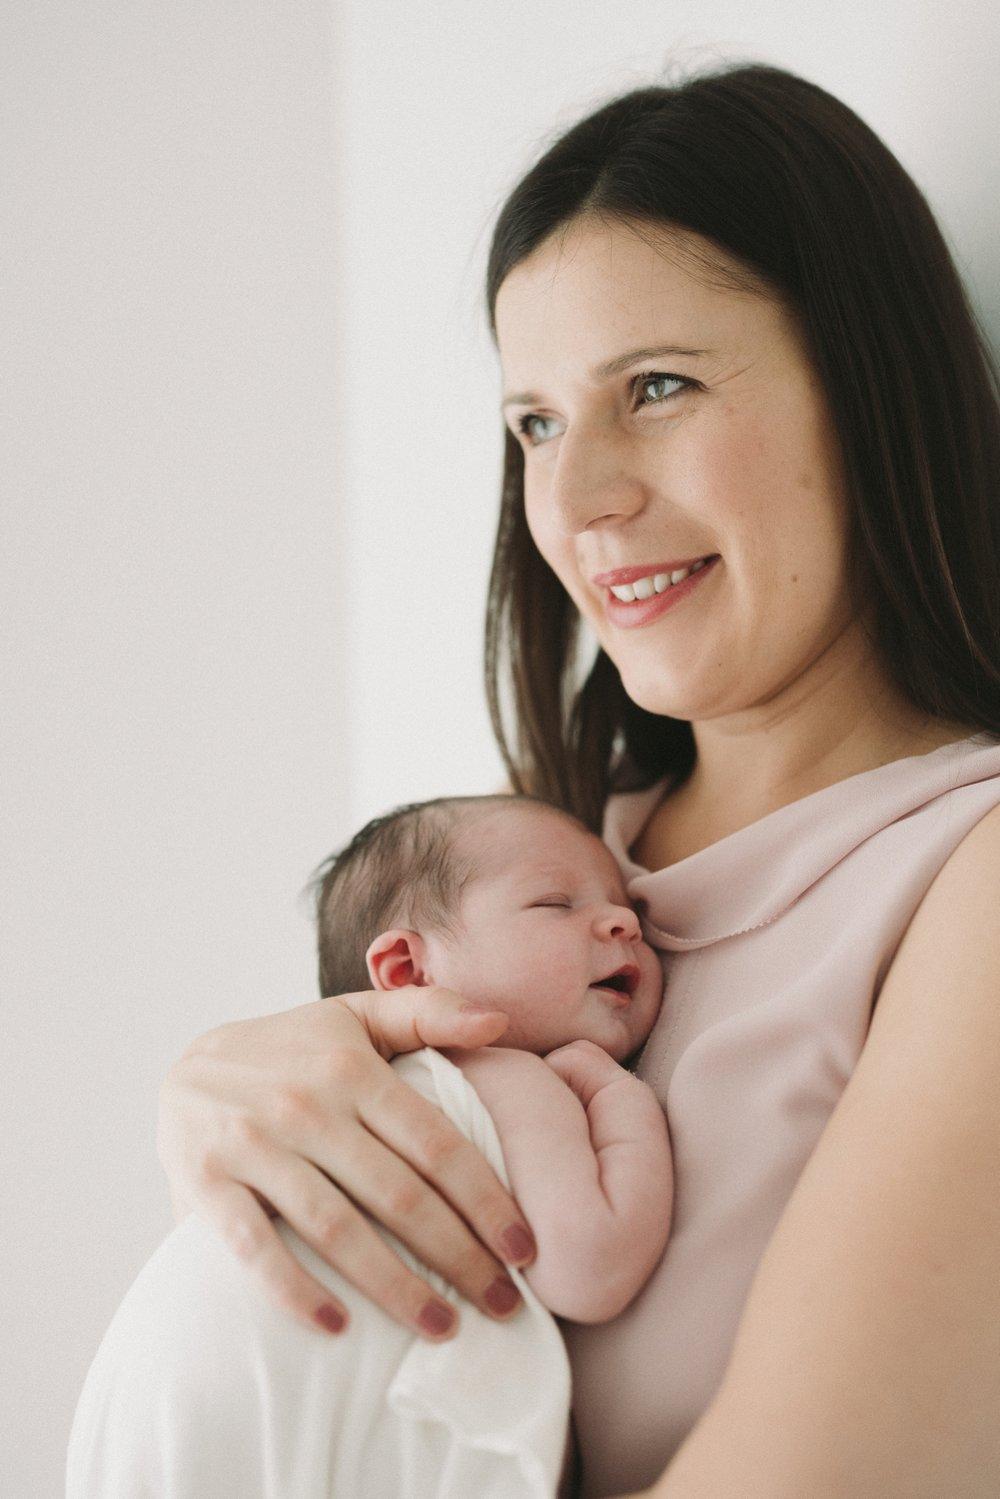 Josephine - Natural Newborn Photography in Adelaide - Simple and beautiful newborn photographer - Katherine Schultz - www.katherineschultzphotography.com_0048.jpg